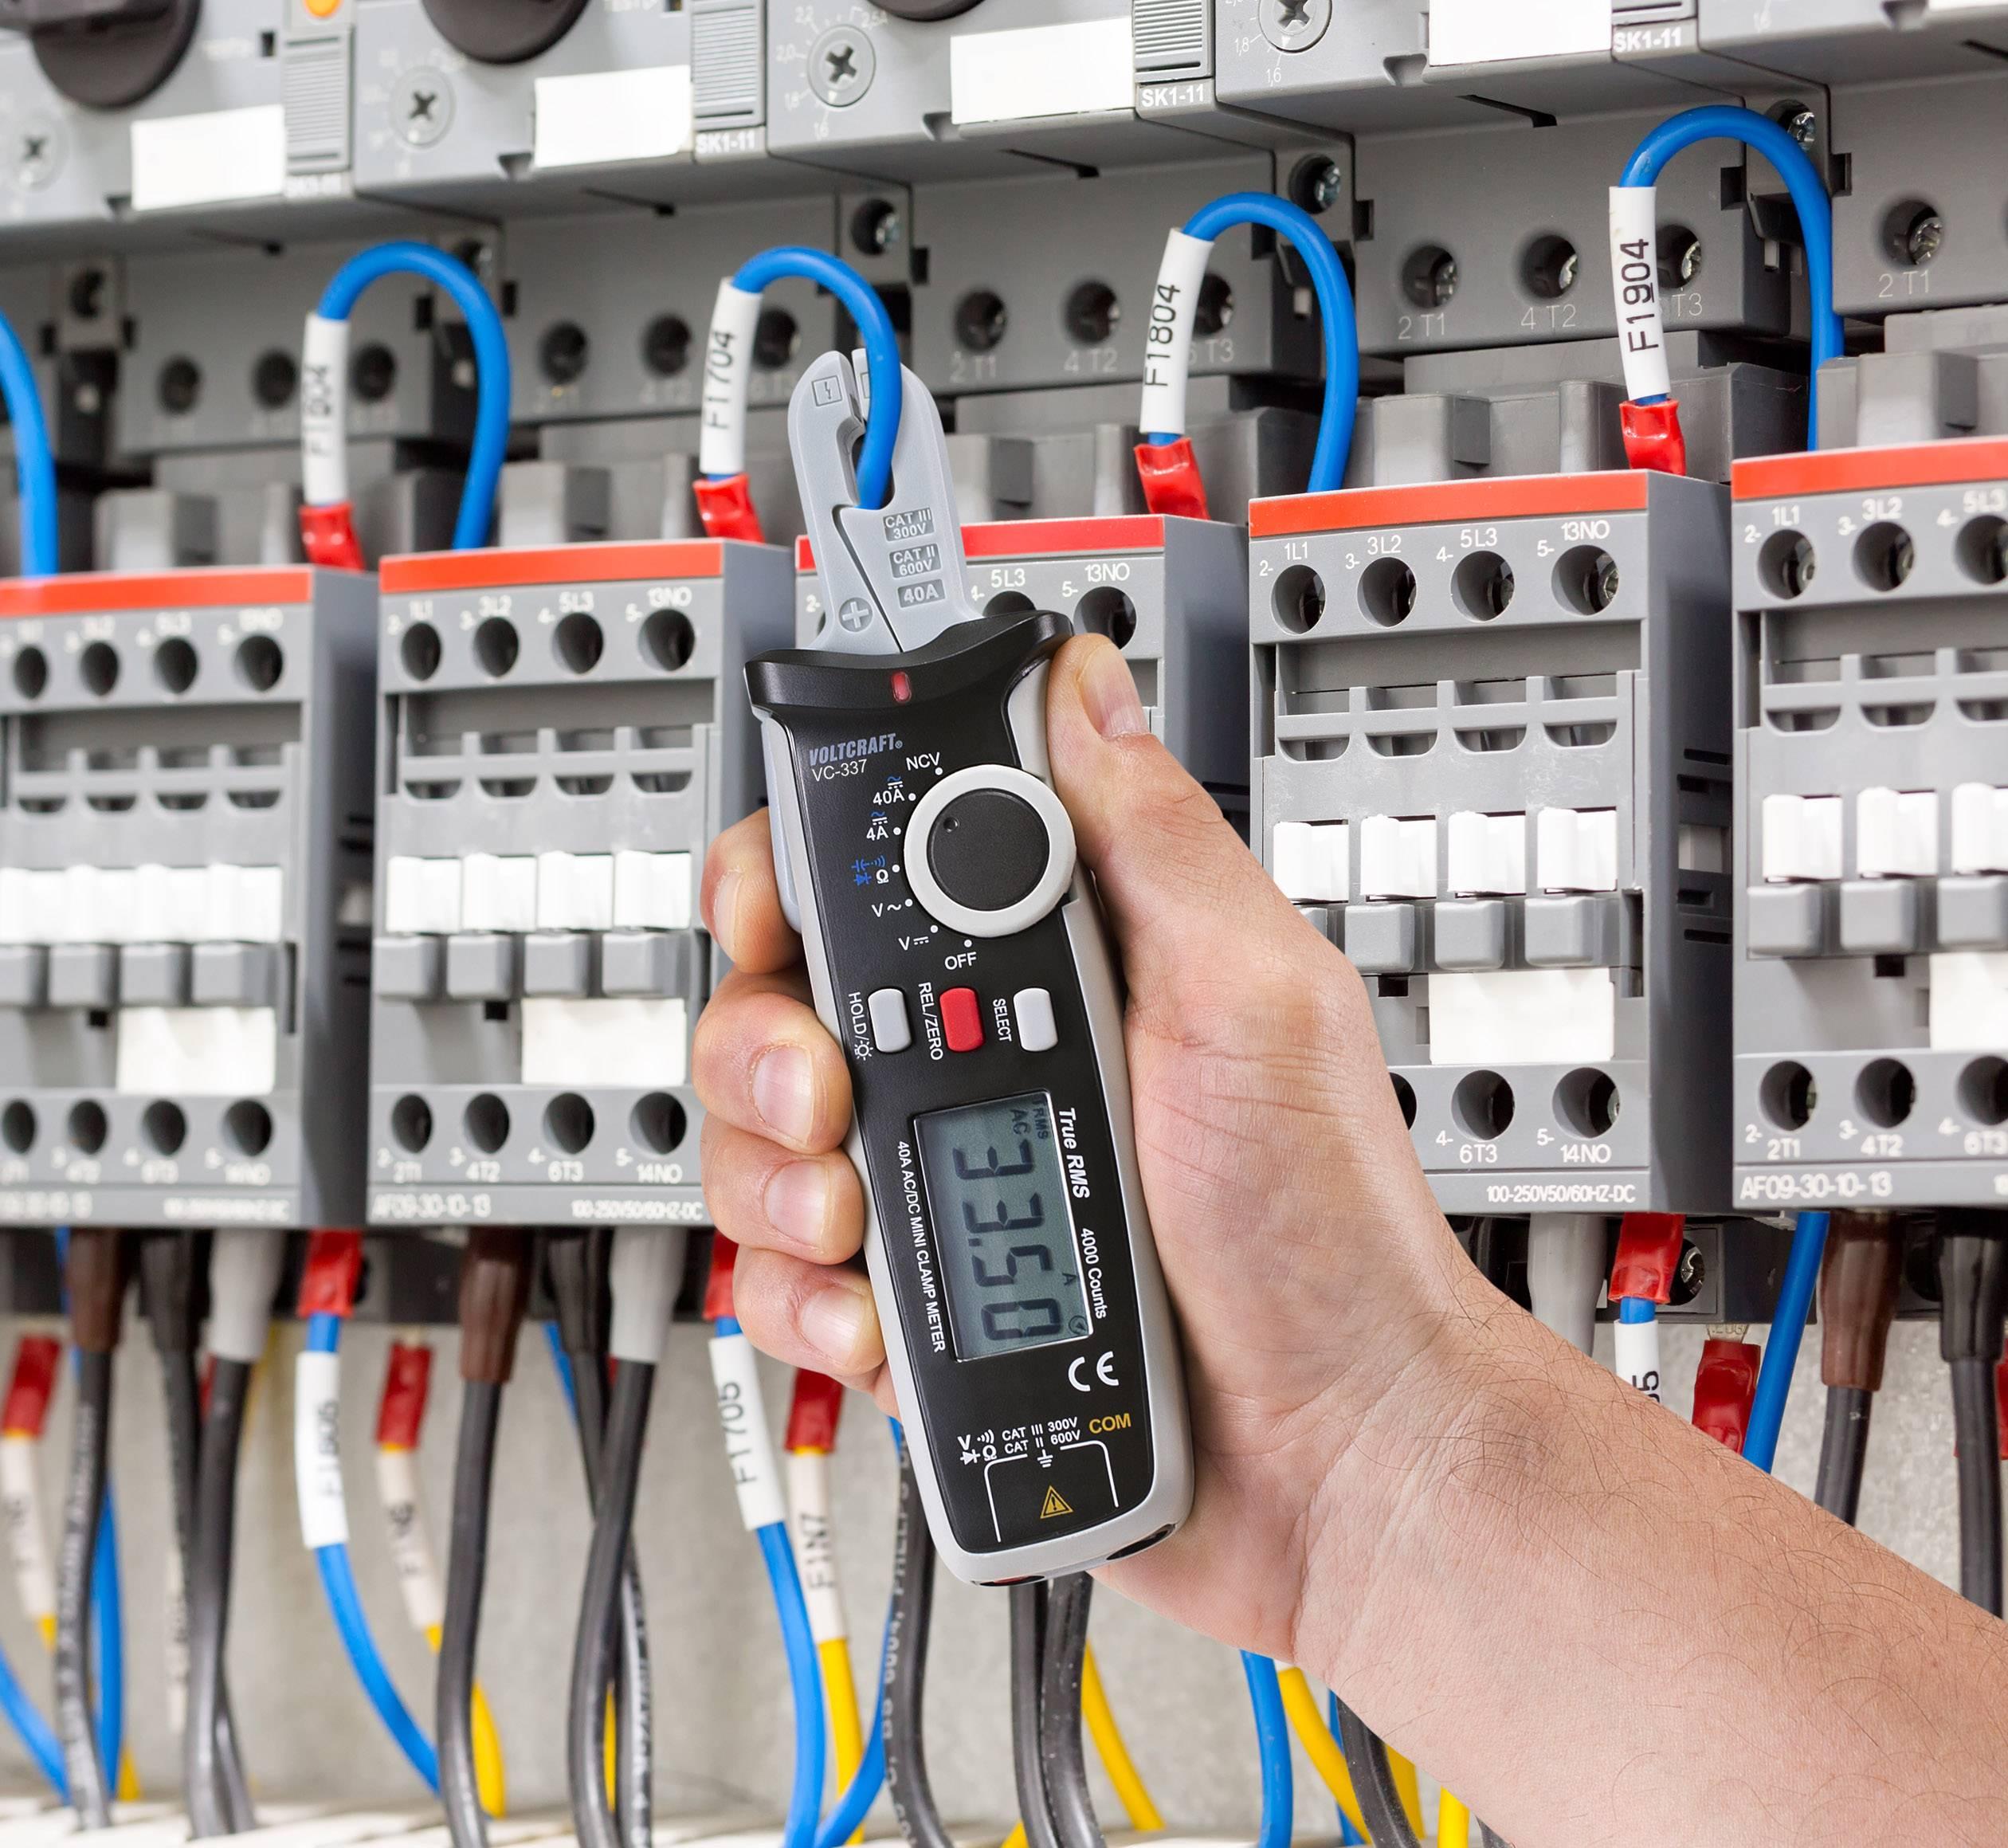 Stromzange und passende Messgeräte